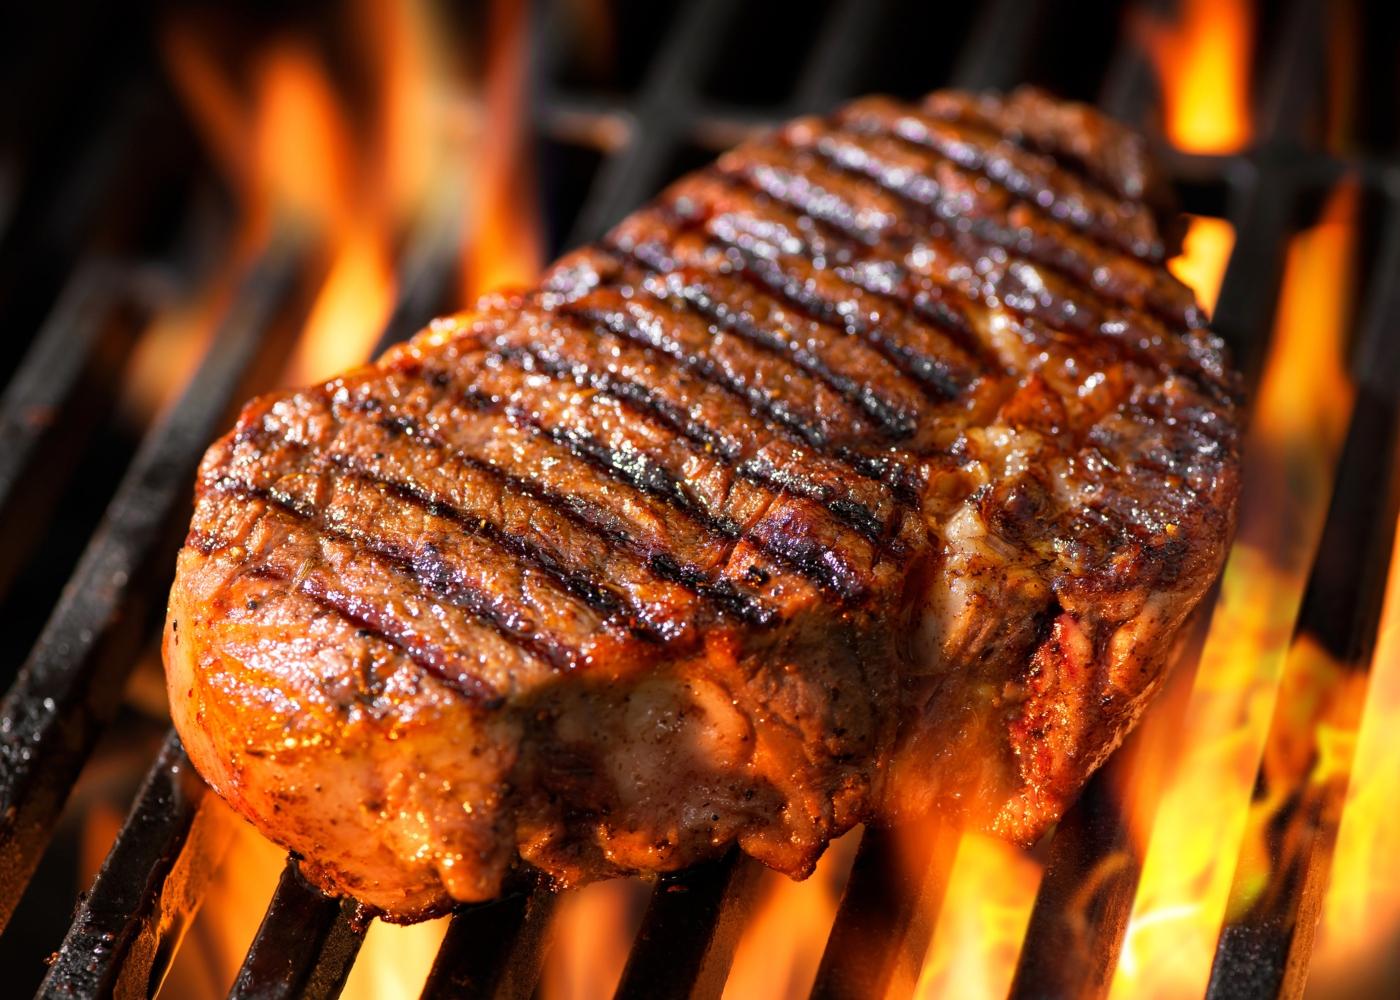 Posta de carne a assar na grelha